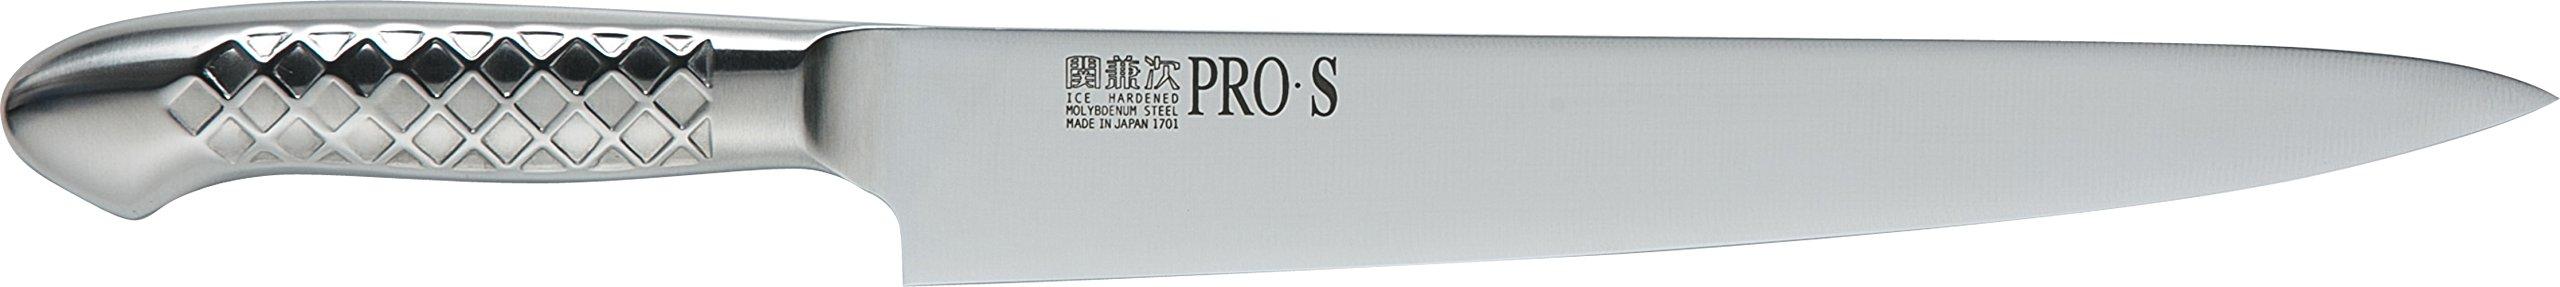 関兼次 Seki Kenji Hamono Japanese Knife Kitchen Knife PRO Molybdenum Steel Stainless Steel Made in Japan (Muscle Pull Knife 240mm, PRO · S)